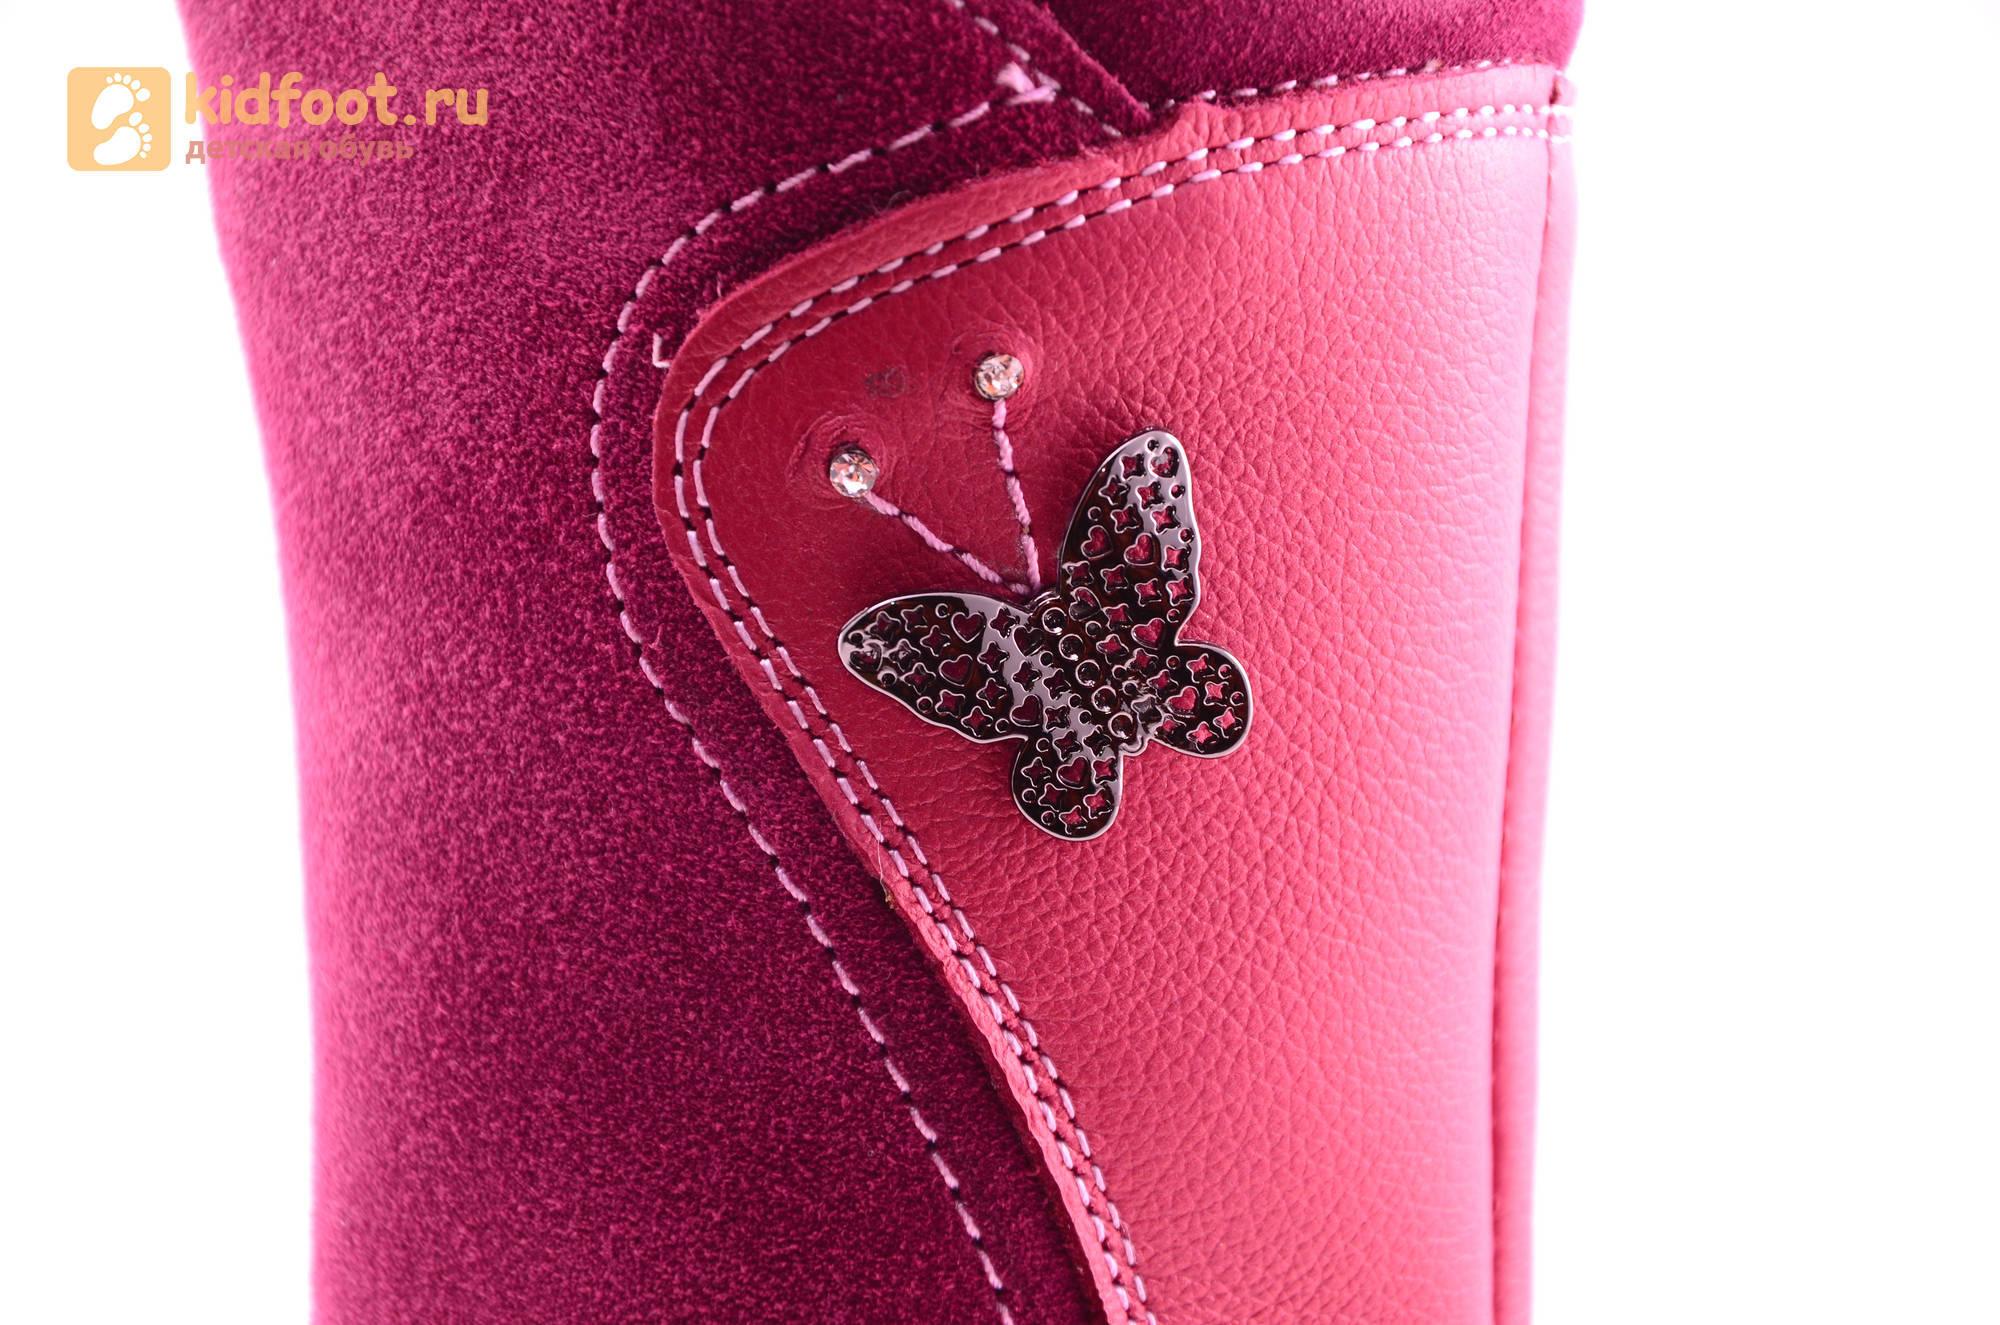 Сапоги для девочек из натуральной кожи на байковой подкладке Лель (LEL), цвет брусника